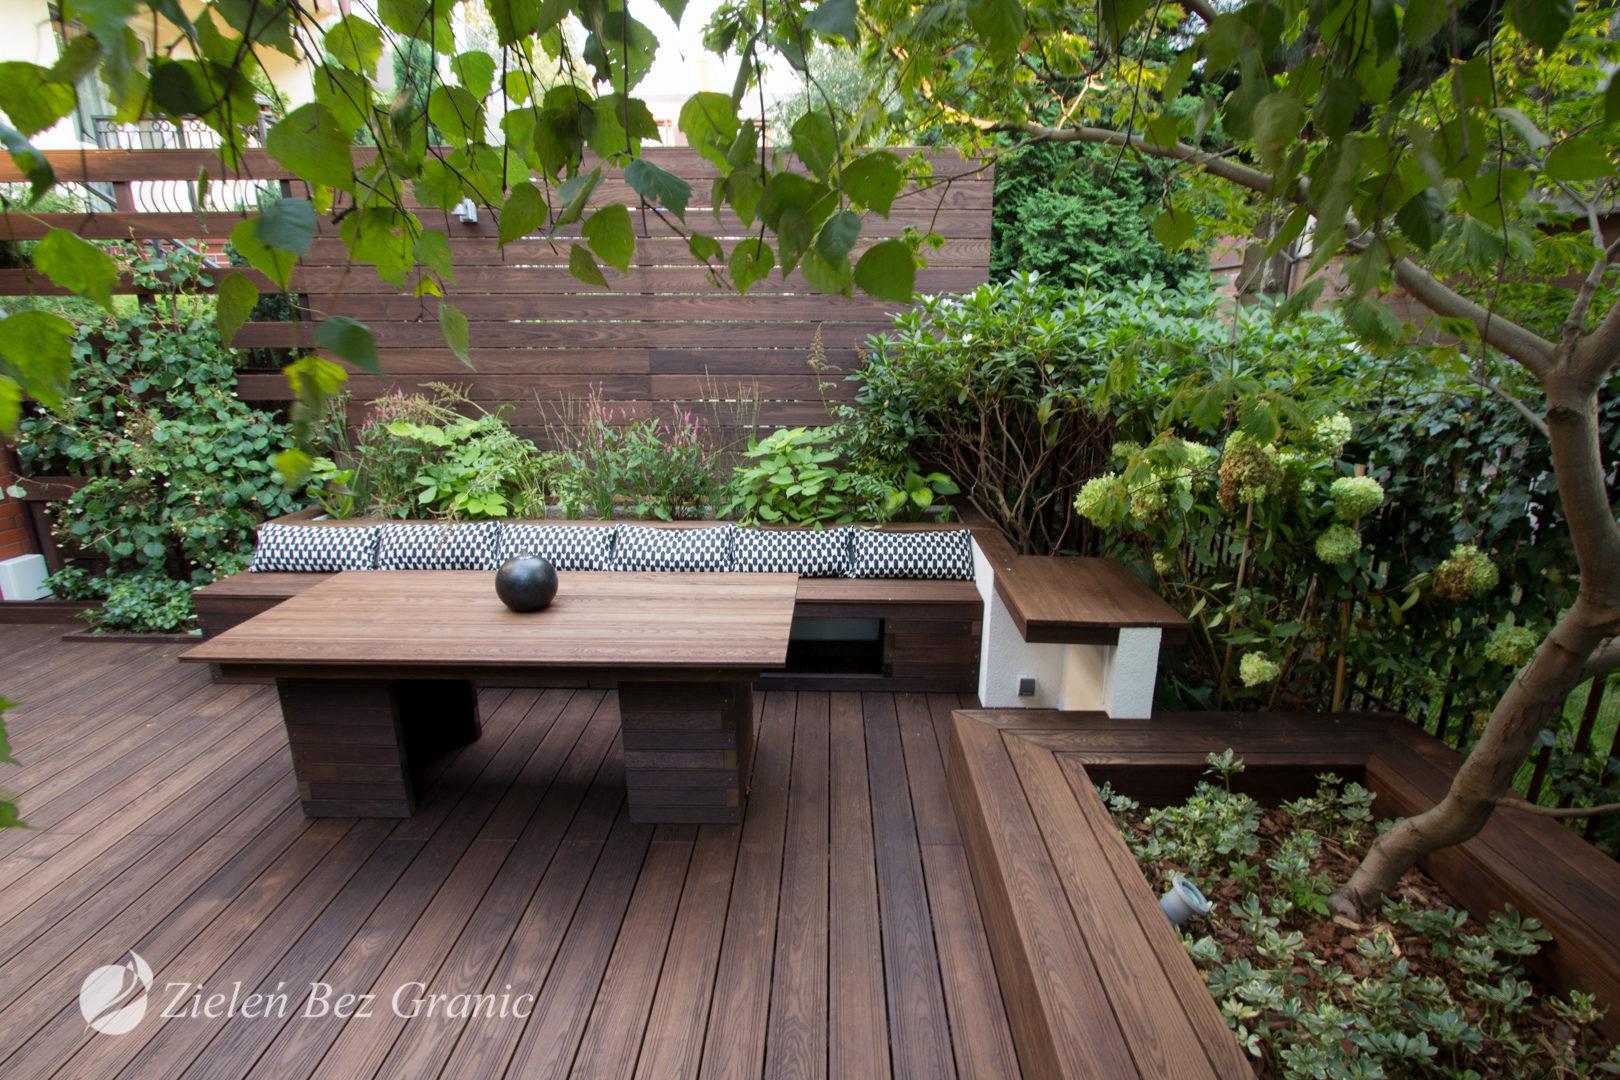 Osłonięty ogród od widoku sąsiadów zapewnia kameralny wypoczynek.